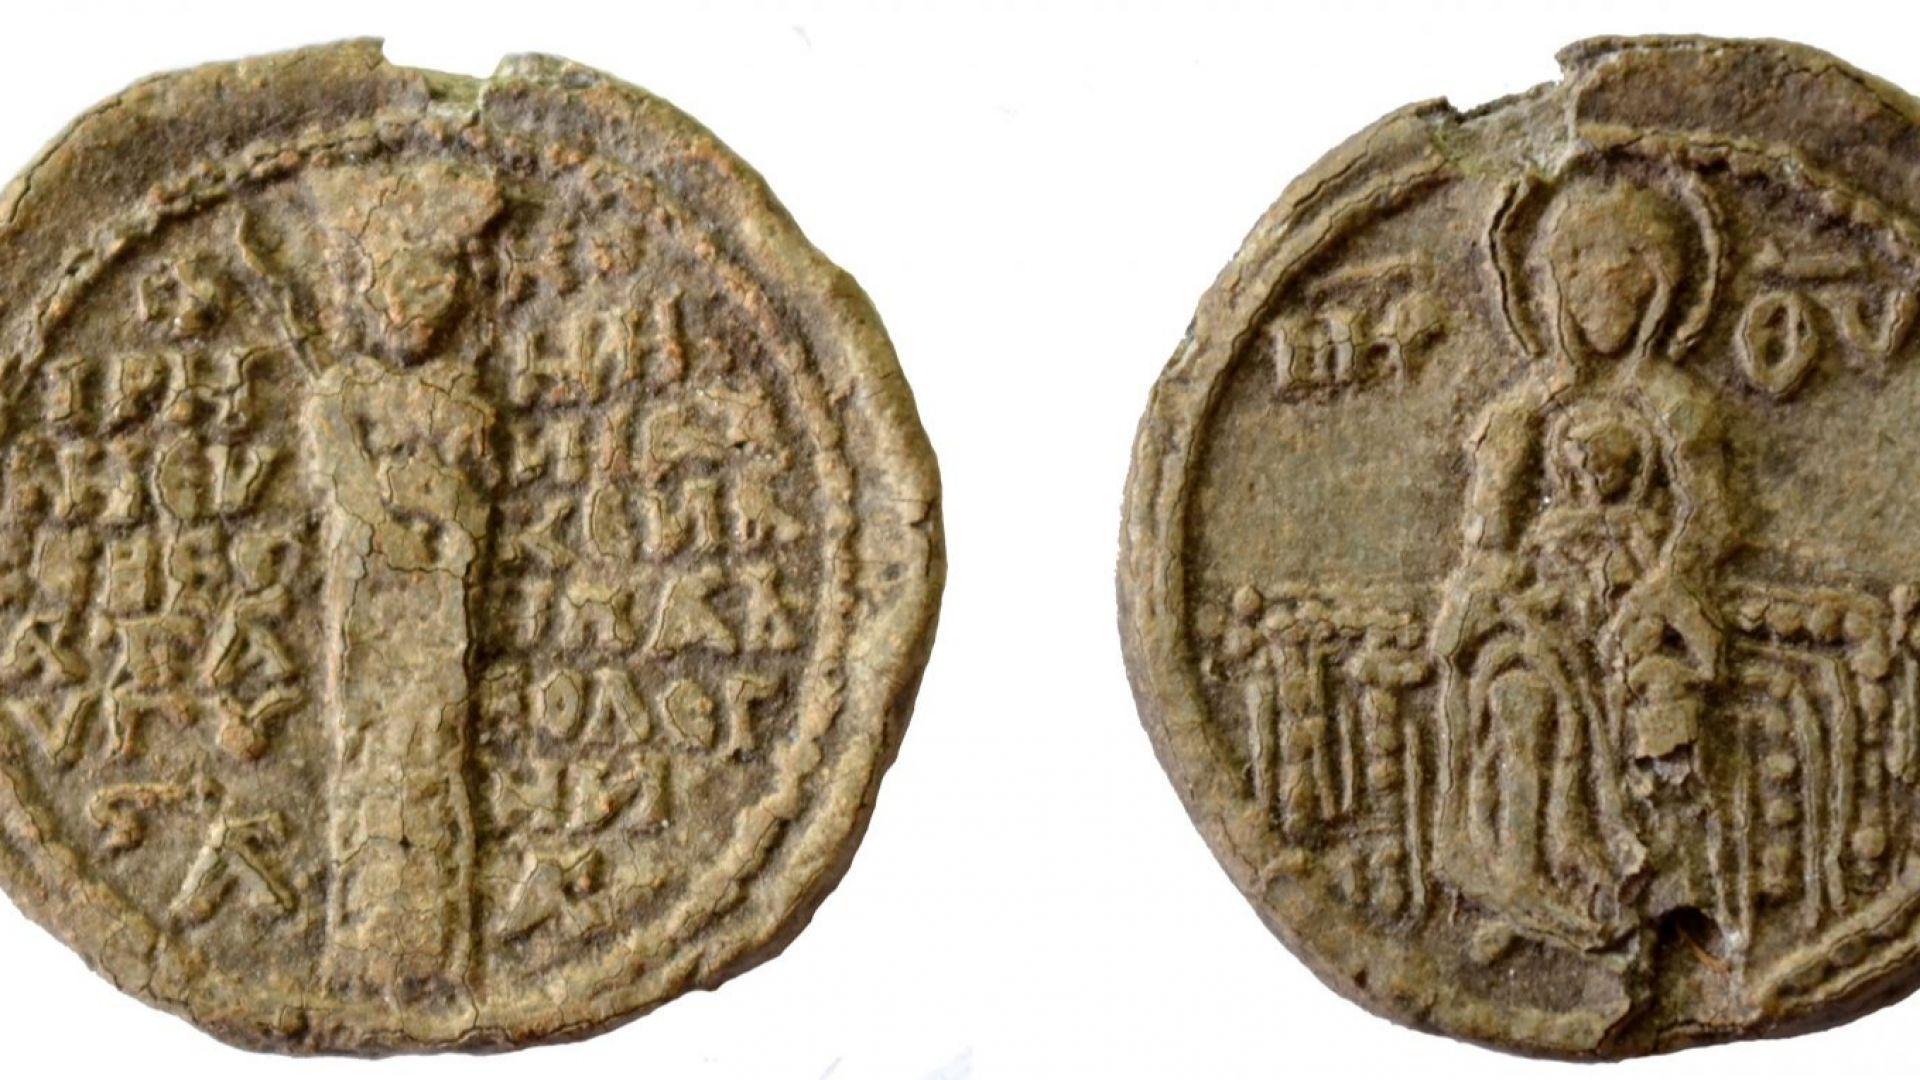 Археолози откриха изключителна находка в крепостта Лютица